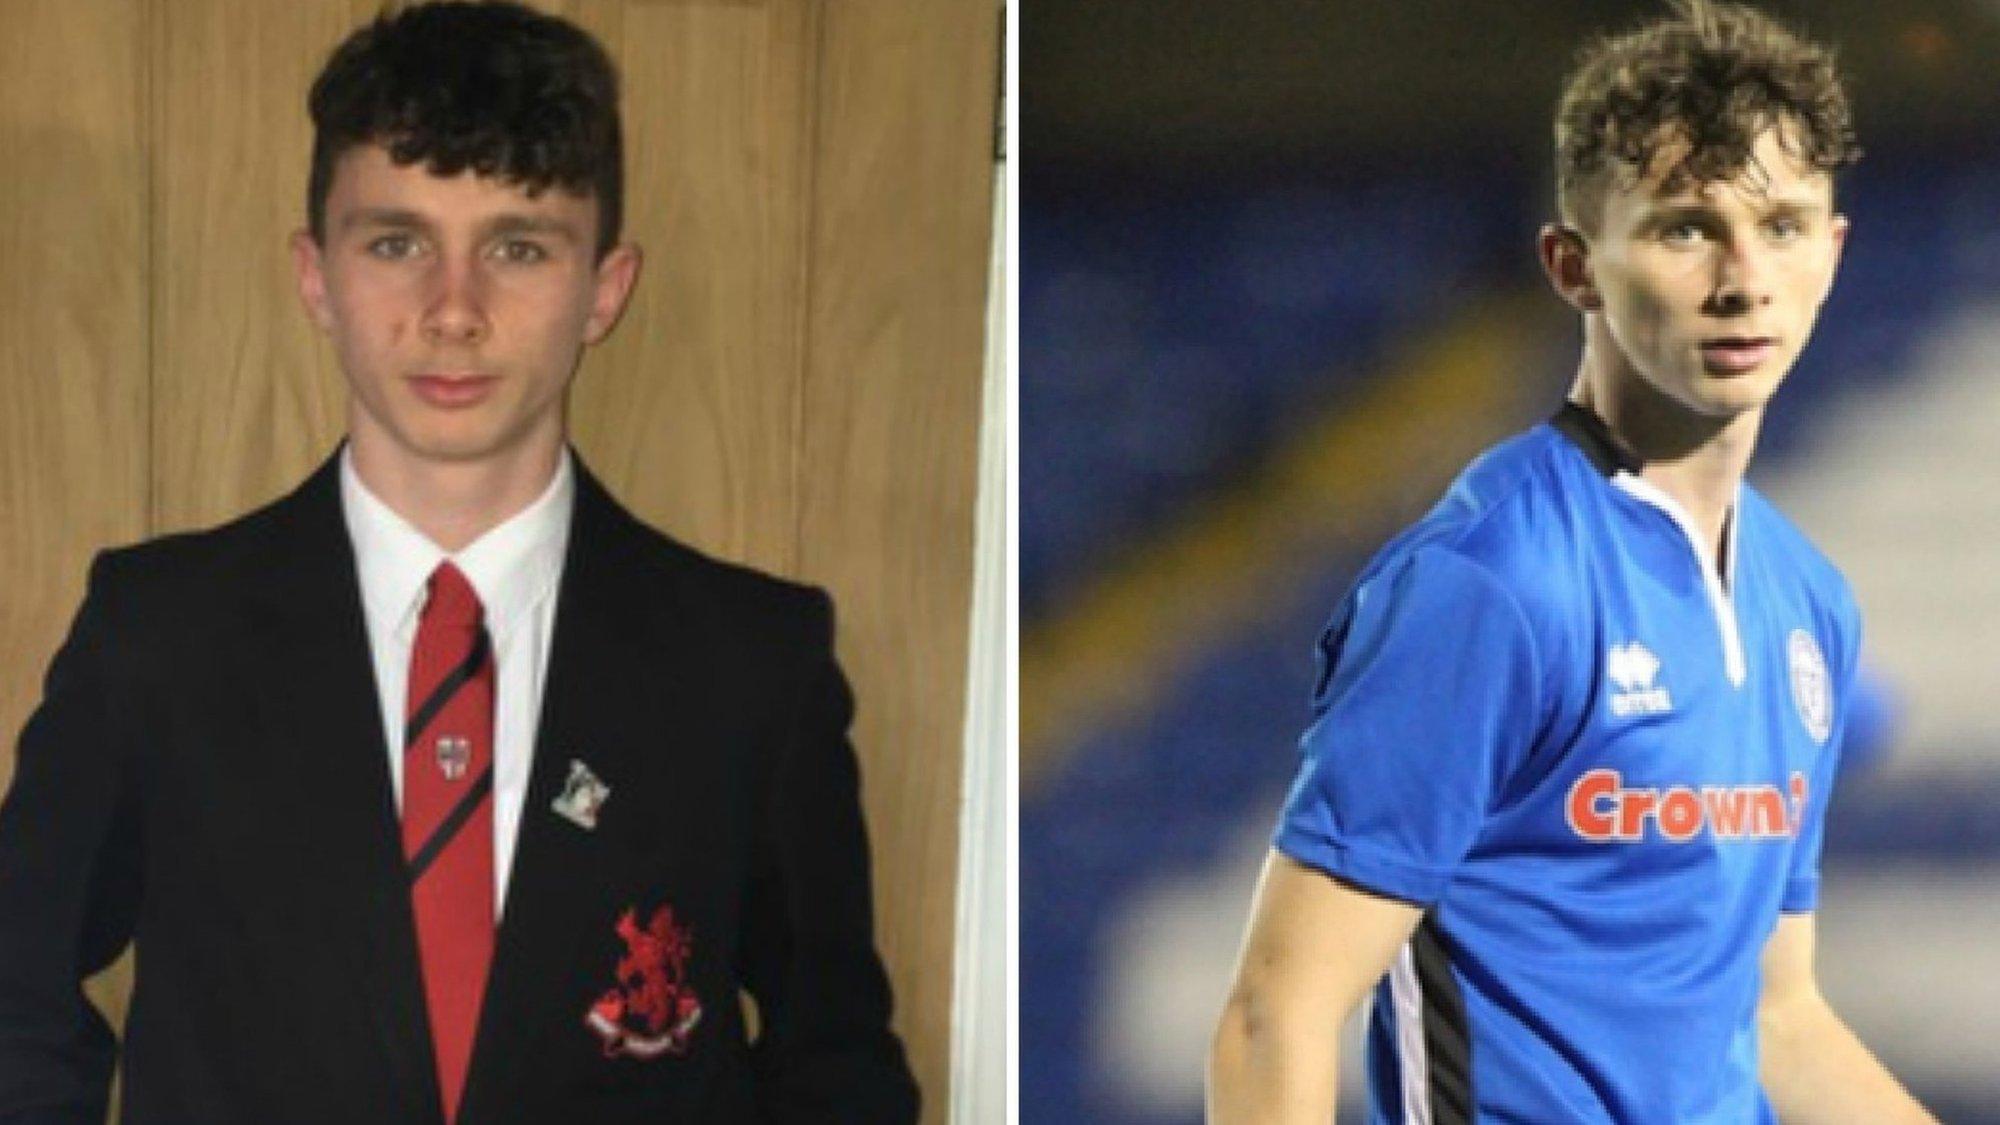 FA Cup: Rochdale's schoolboy midfielder Daniel Adshead could face Tottenham